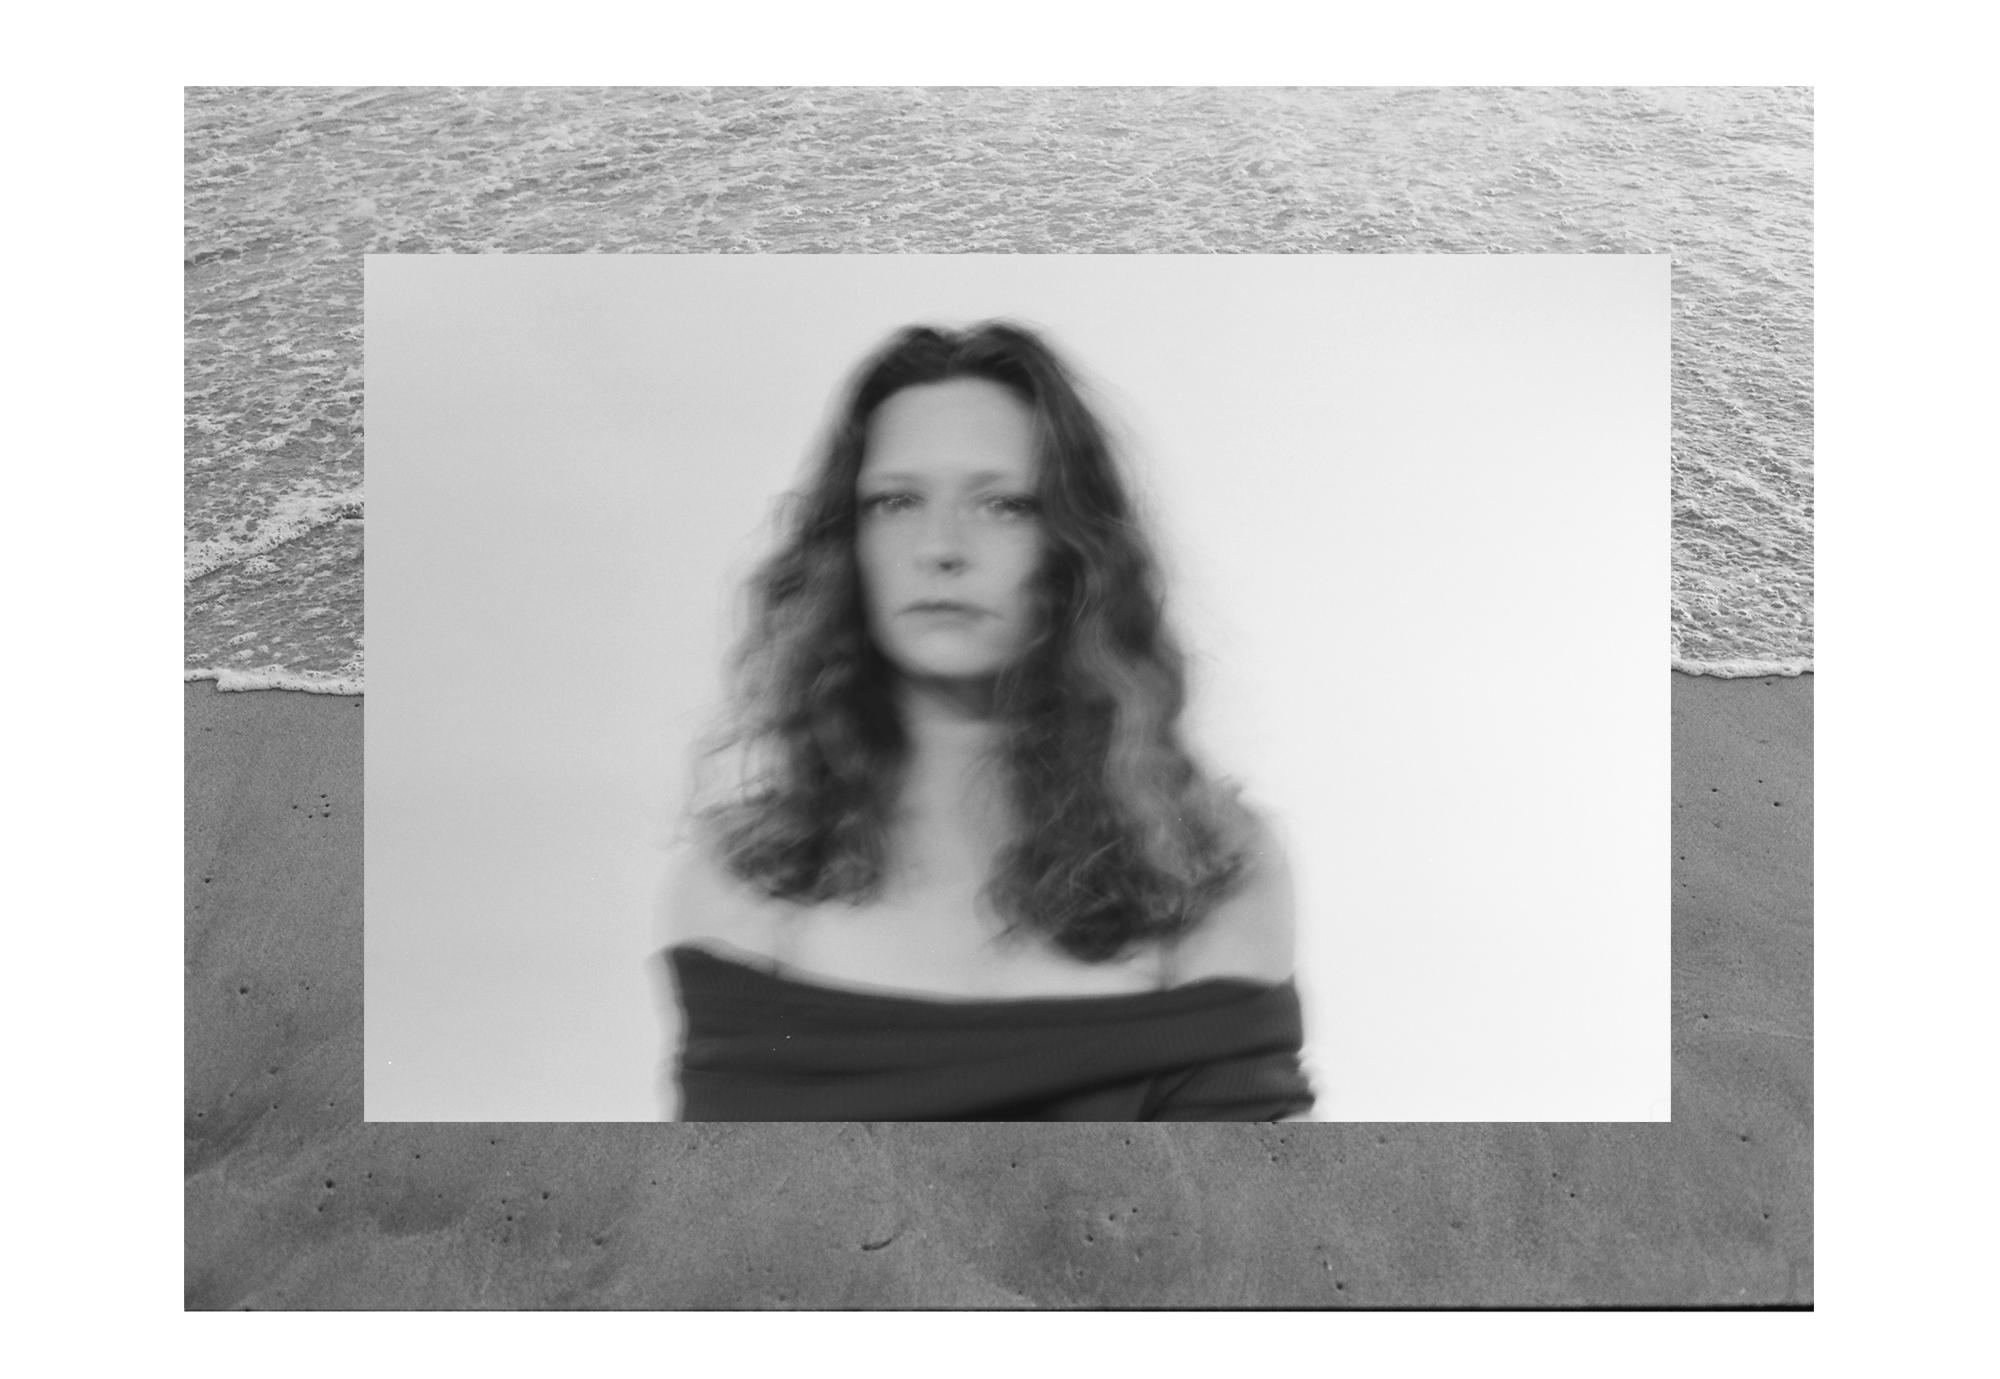 Kristen_ShoreFilm_01_WEB.jpg